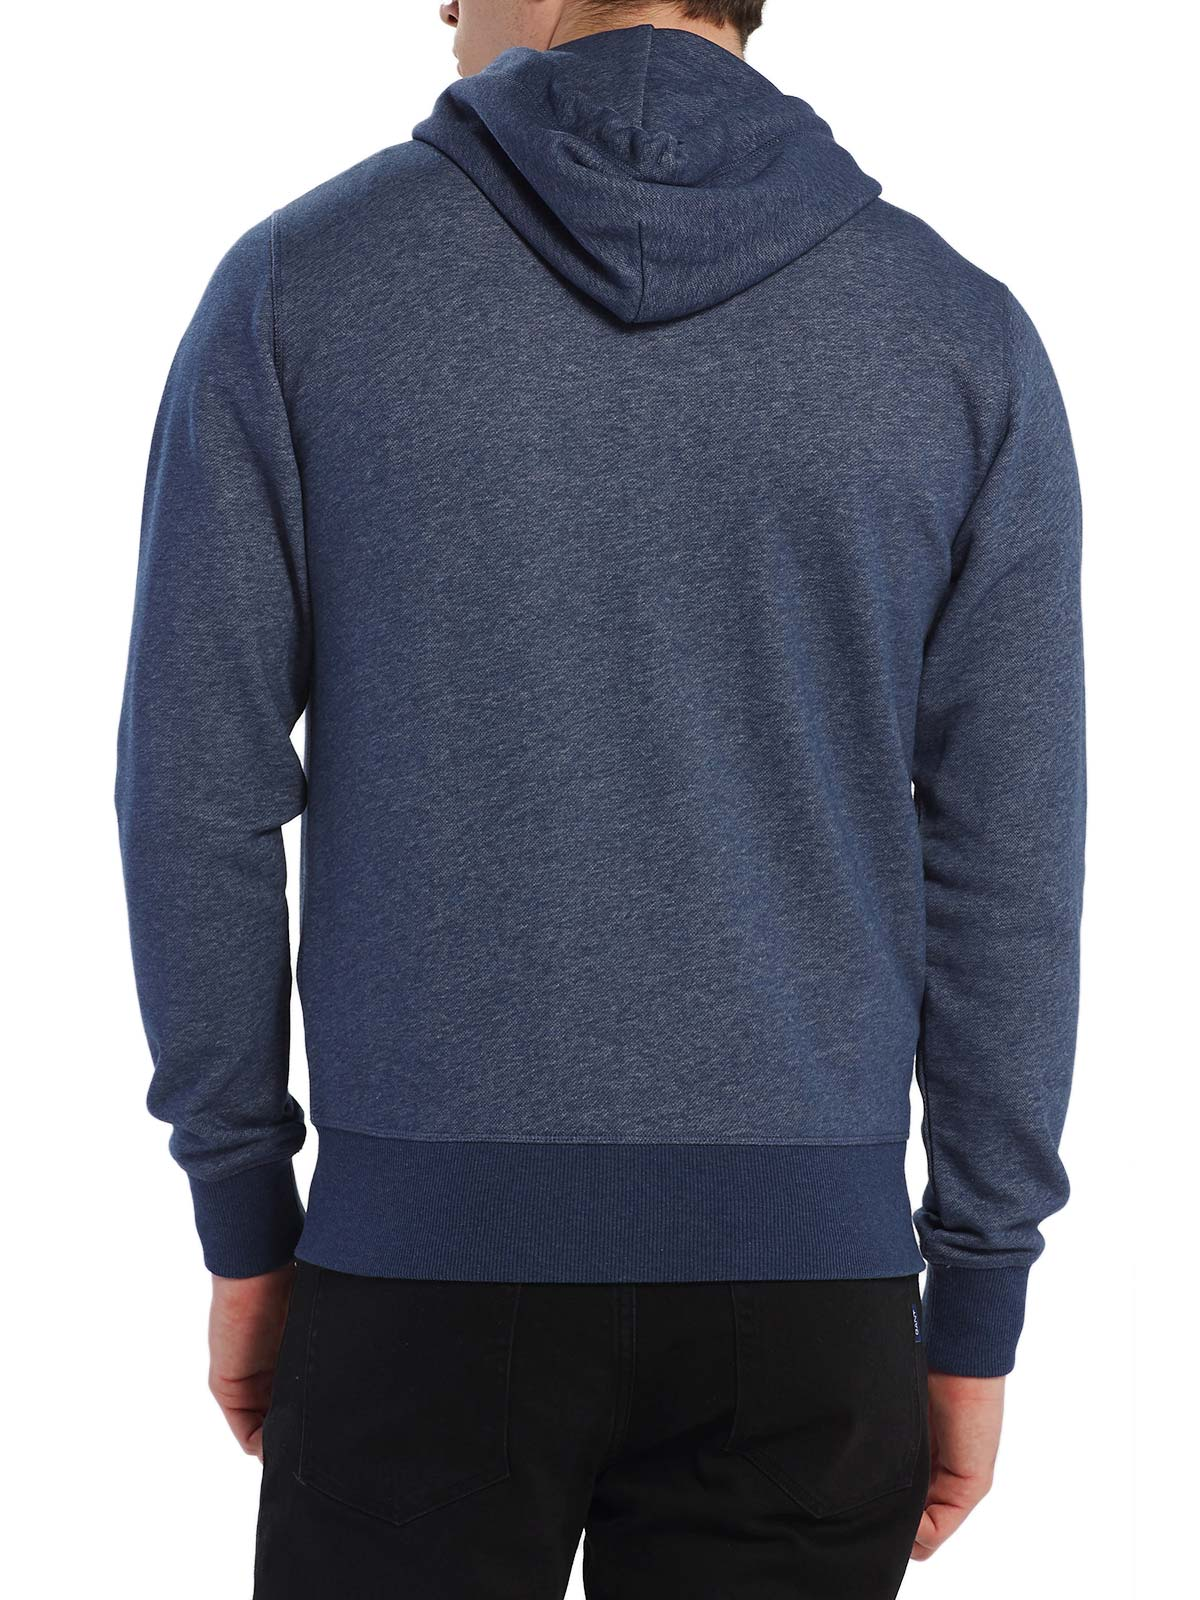 Picture of GANT | Men's Full-Zip Hoodie Sweatshirt